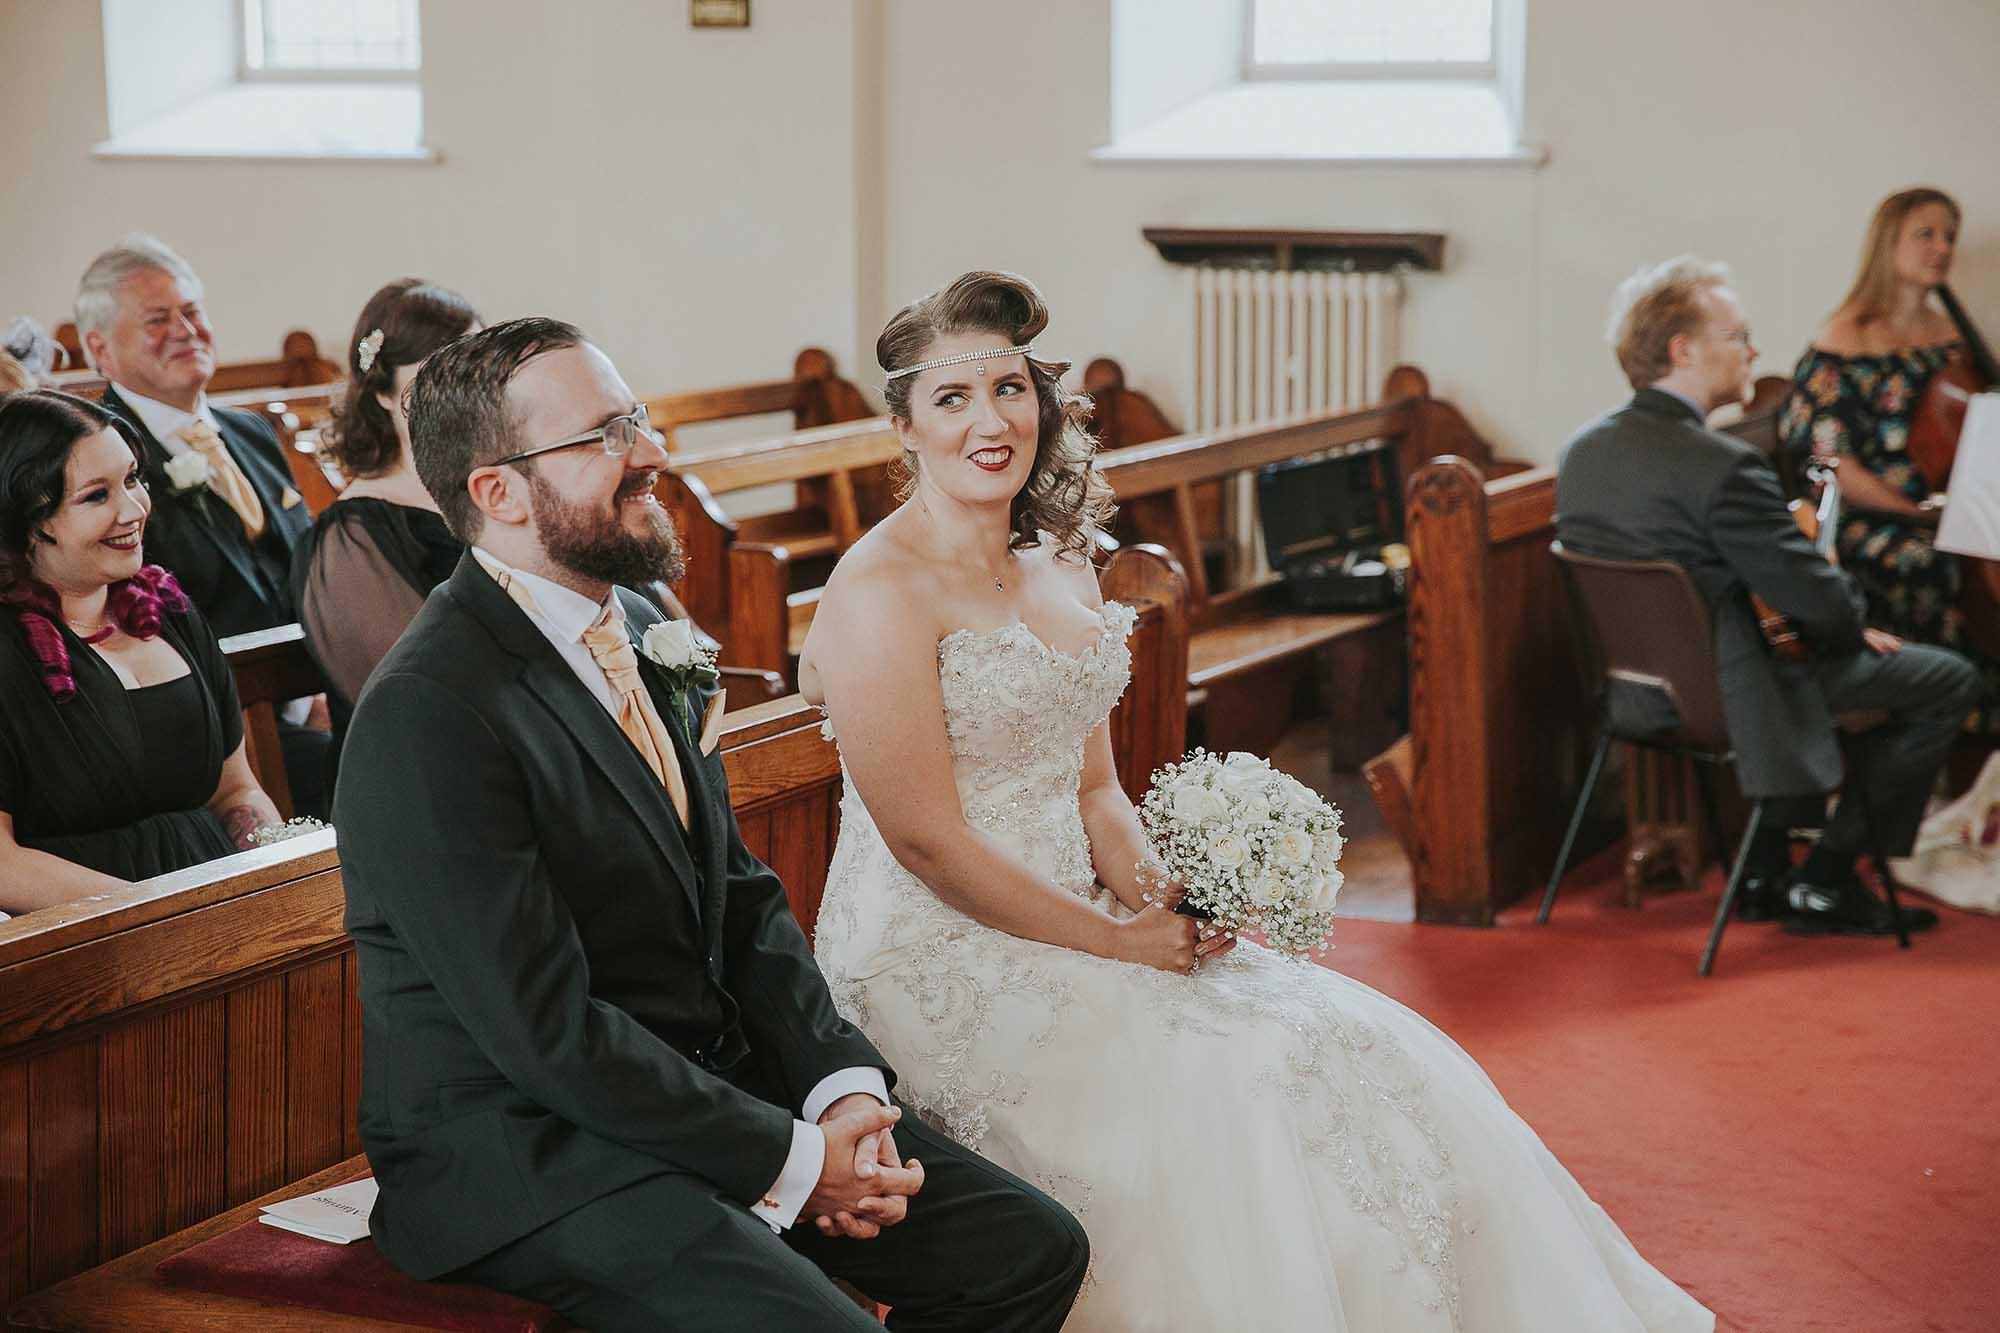 Ribble Valley weddings